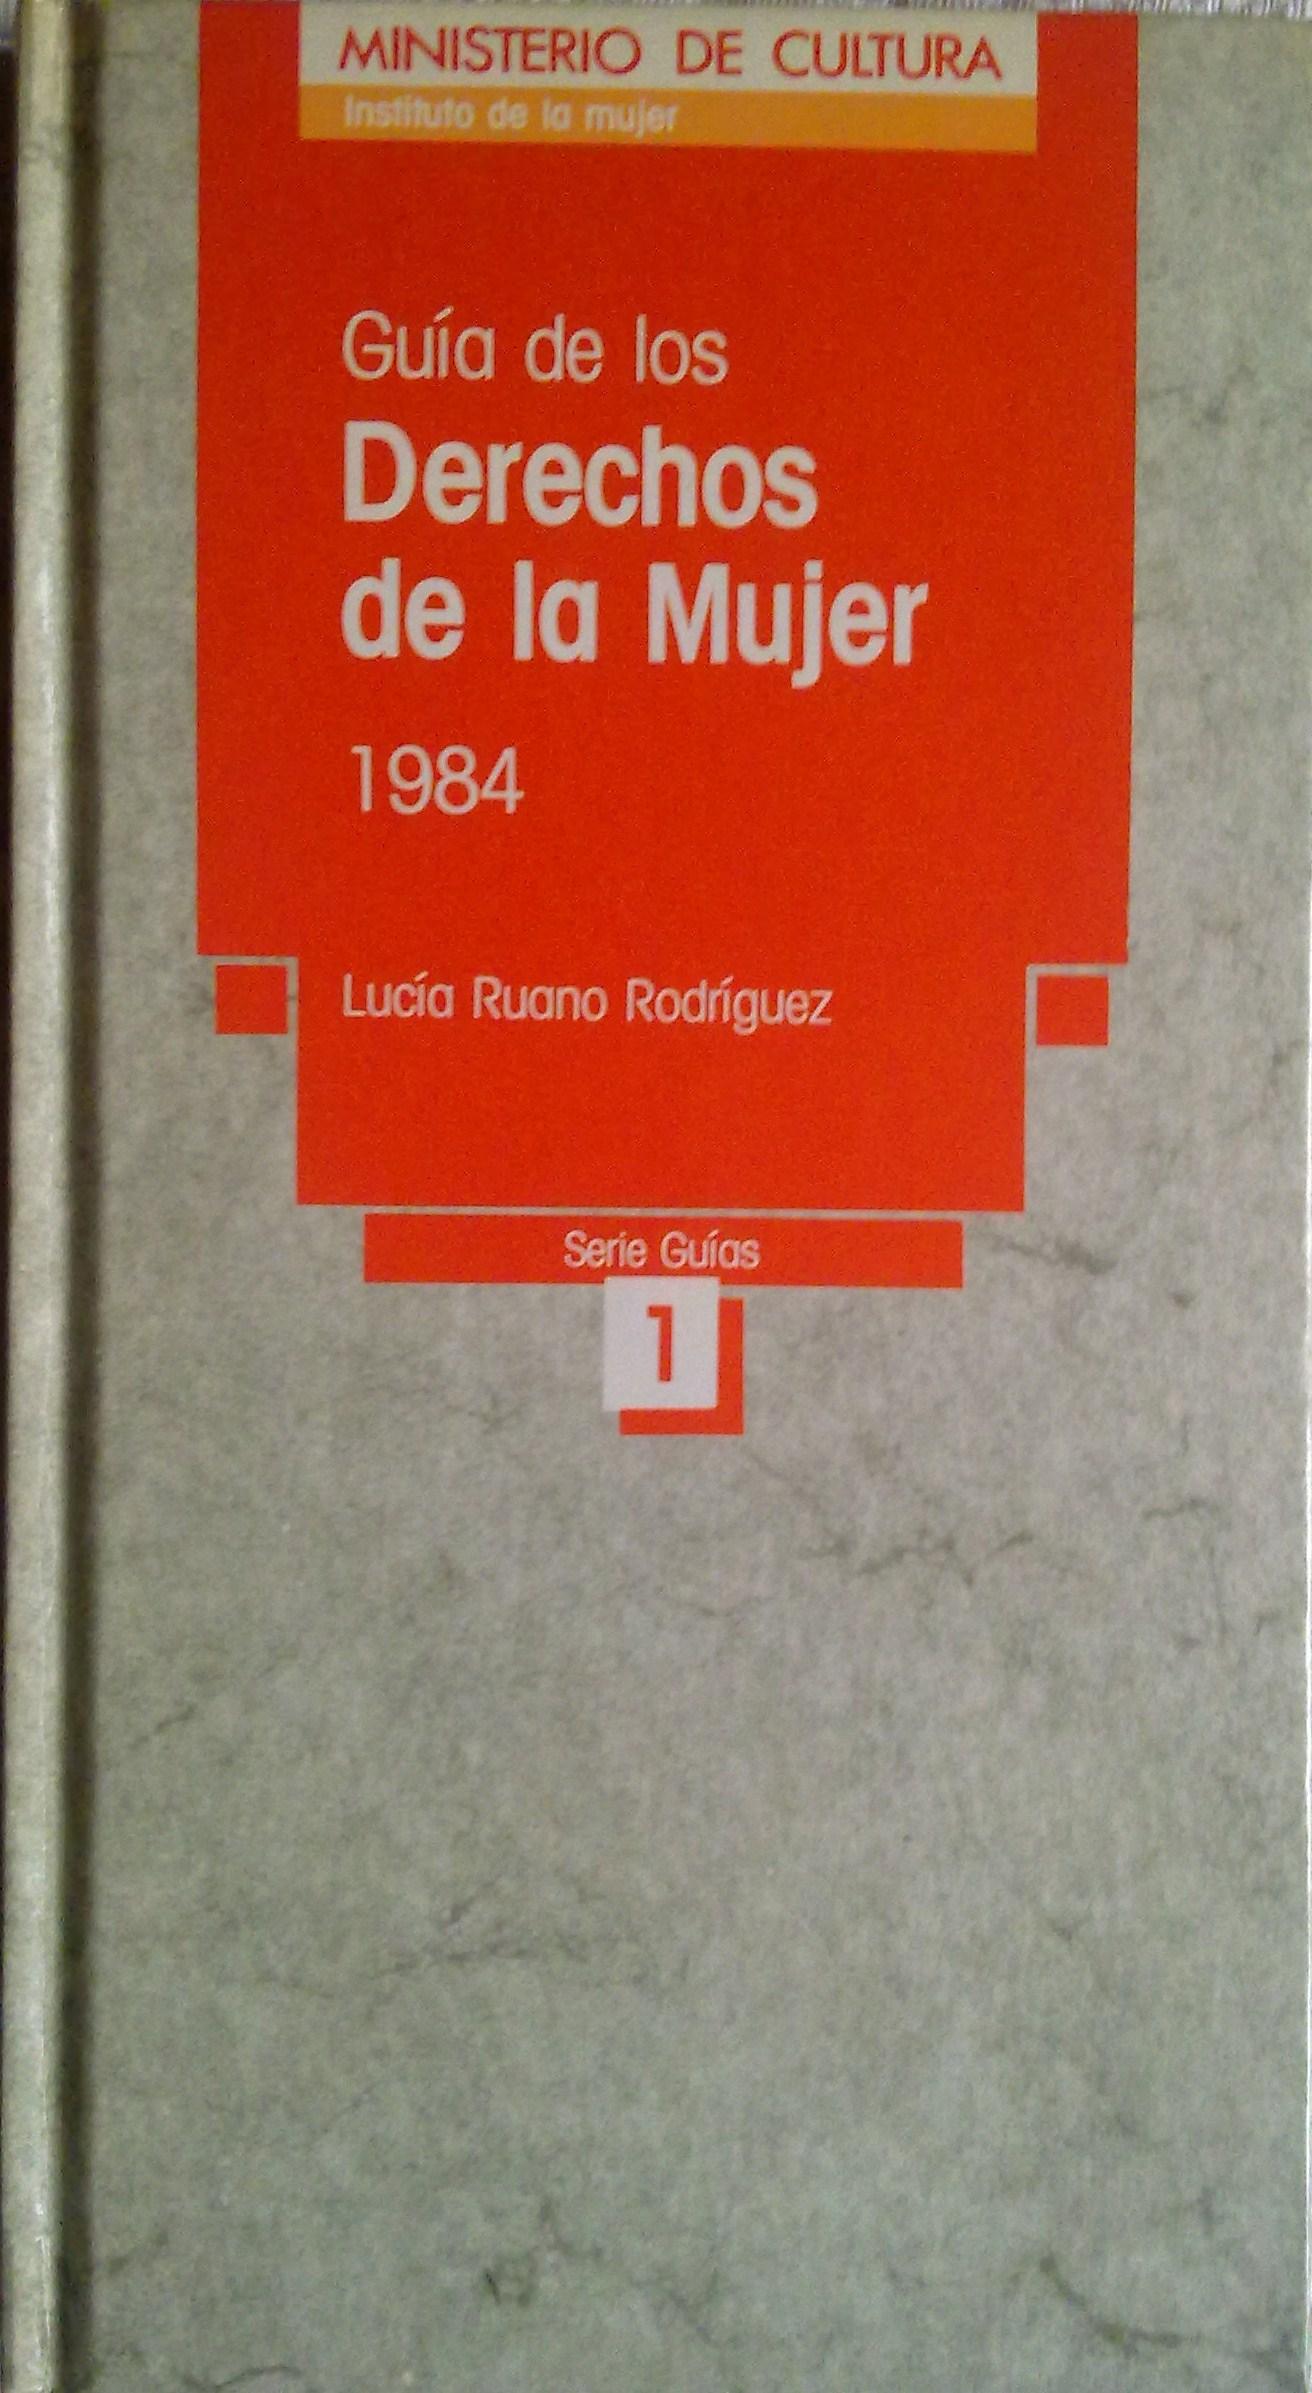 Guía de los derechos de la mujer, 1984